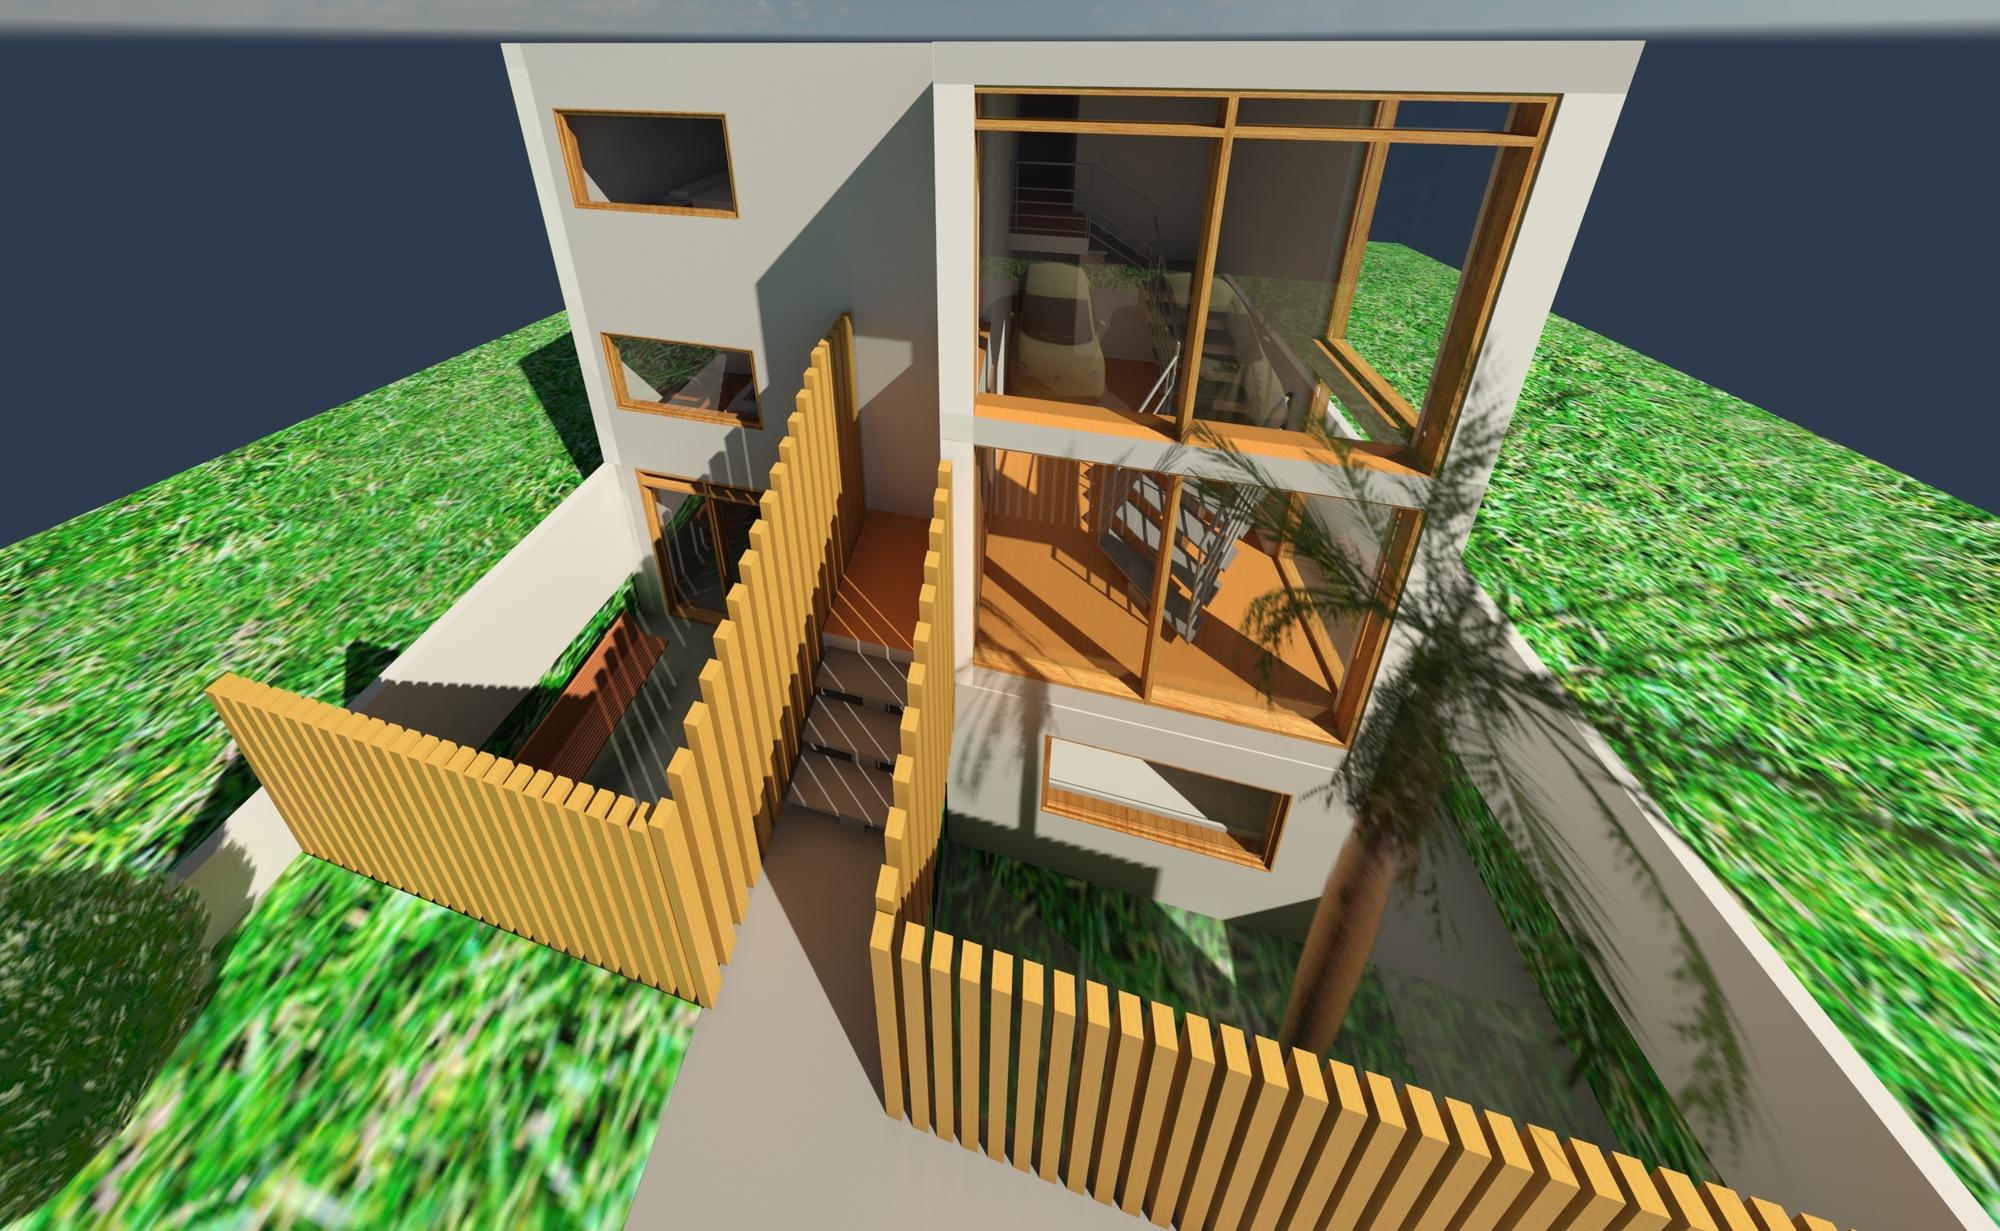 Raas-rendering20150112-19554-l8i4rl